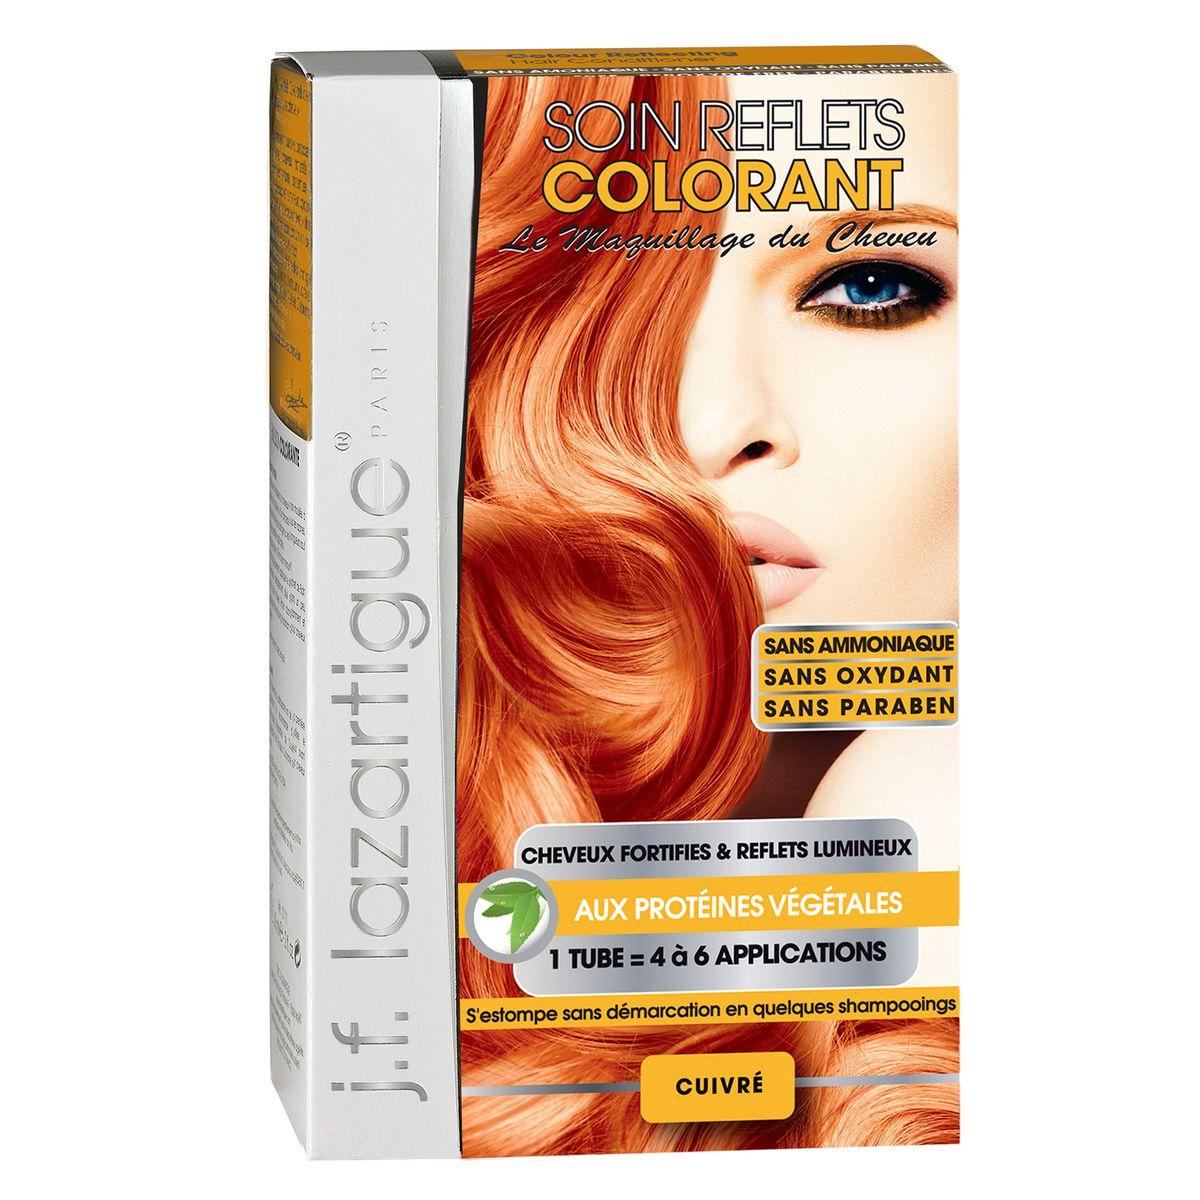 J.F.Lazartigue Оттеночный кондиционер для волос Медный 100 млMP59.4DОттеночный кондиционер J.F.LAZARTIGUE – это лечебный макияж для Ваших волос. Два эффекта: кондиционирование волос и легкий оттенок. Особенности: придает новый или более теплый (или холодный) оттенок, делает тон темнее или акцентирует цвет, оживляет естественный цвет или придает яркость тусклым и выцветшим на солнце волосам. Закрашивает небольшой процент седины! После мытья волос шампунем (3-6 раз) смывается. Для достижения индивидуального оттенка можно смешать два разных кондиционера: добавить к выбранному ТЕМНЫЙ РЫЖИЙ (Auburn), МЕДНЫЙ (Copper) и т.п. Не осветляет волосы. Не содержит аммиака и перекиси водорода. Не содержит парабенов. Не предназначен для окрашивания бровей и ресниц.